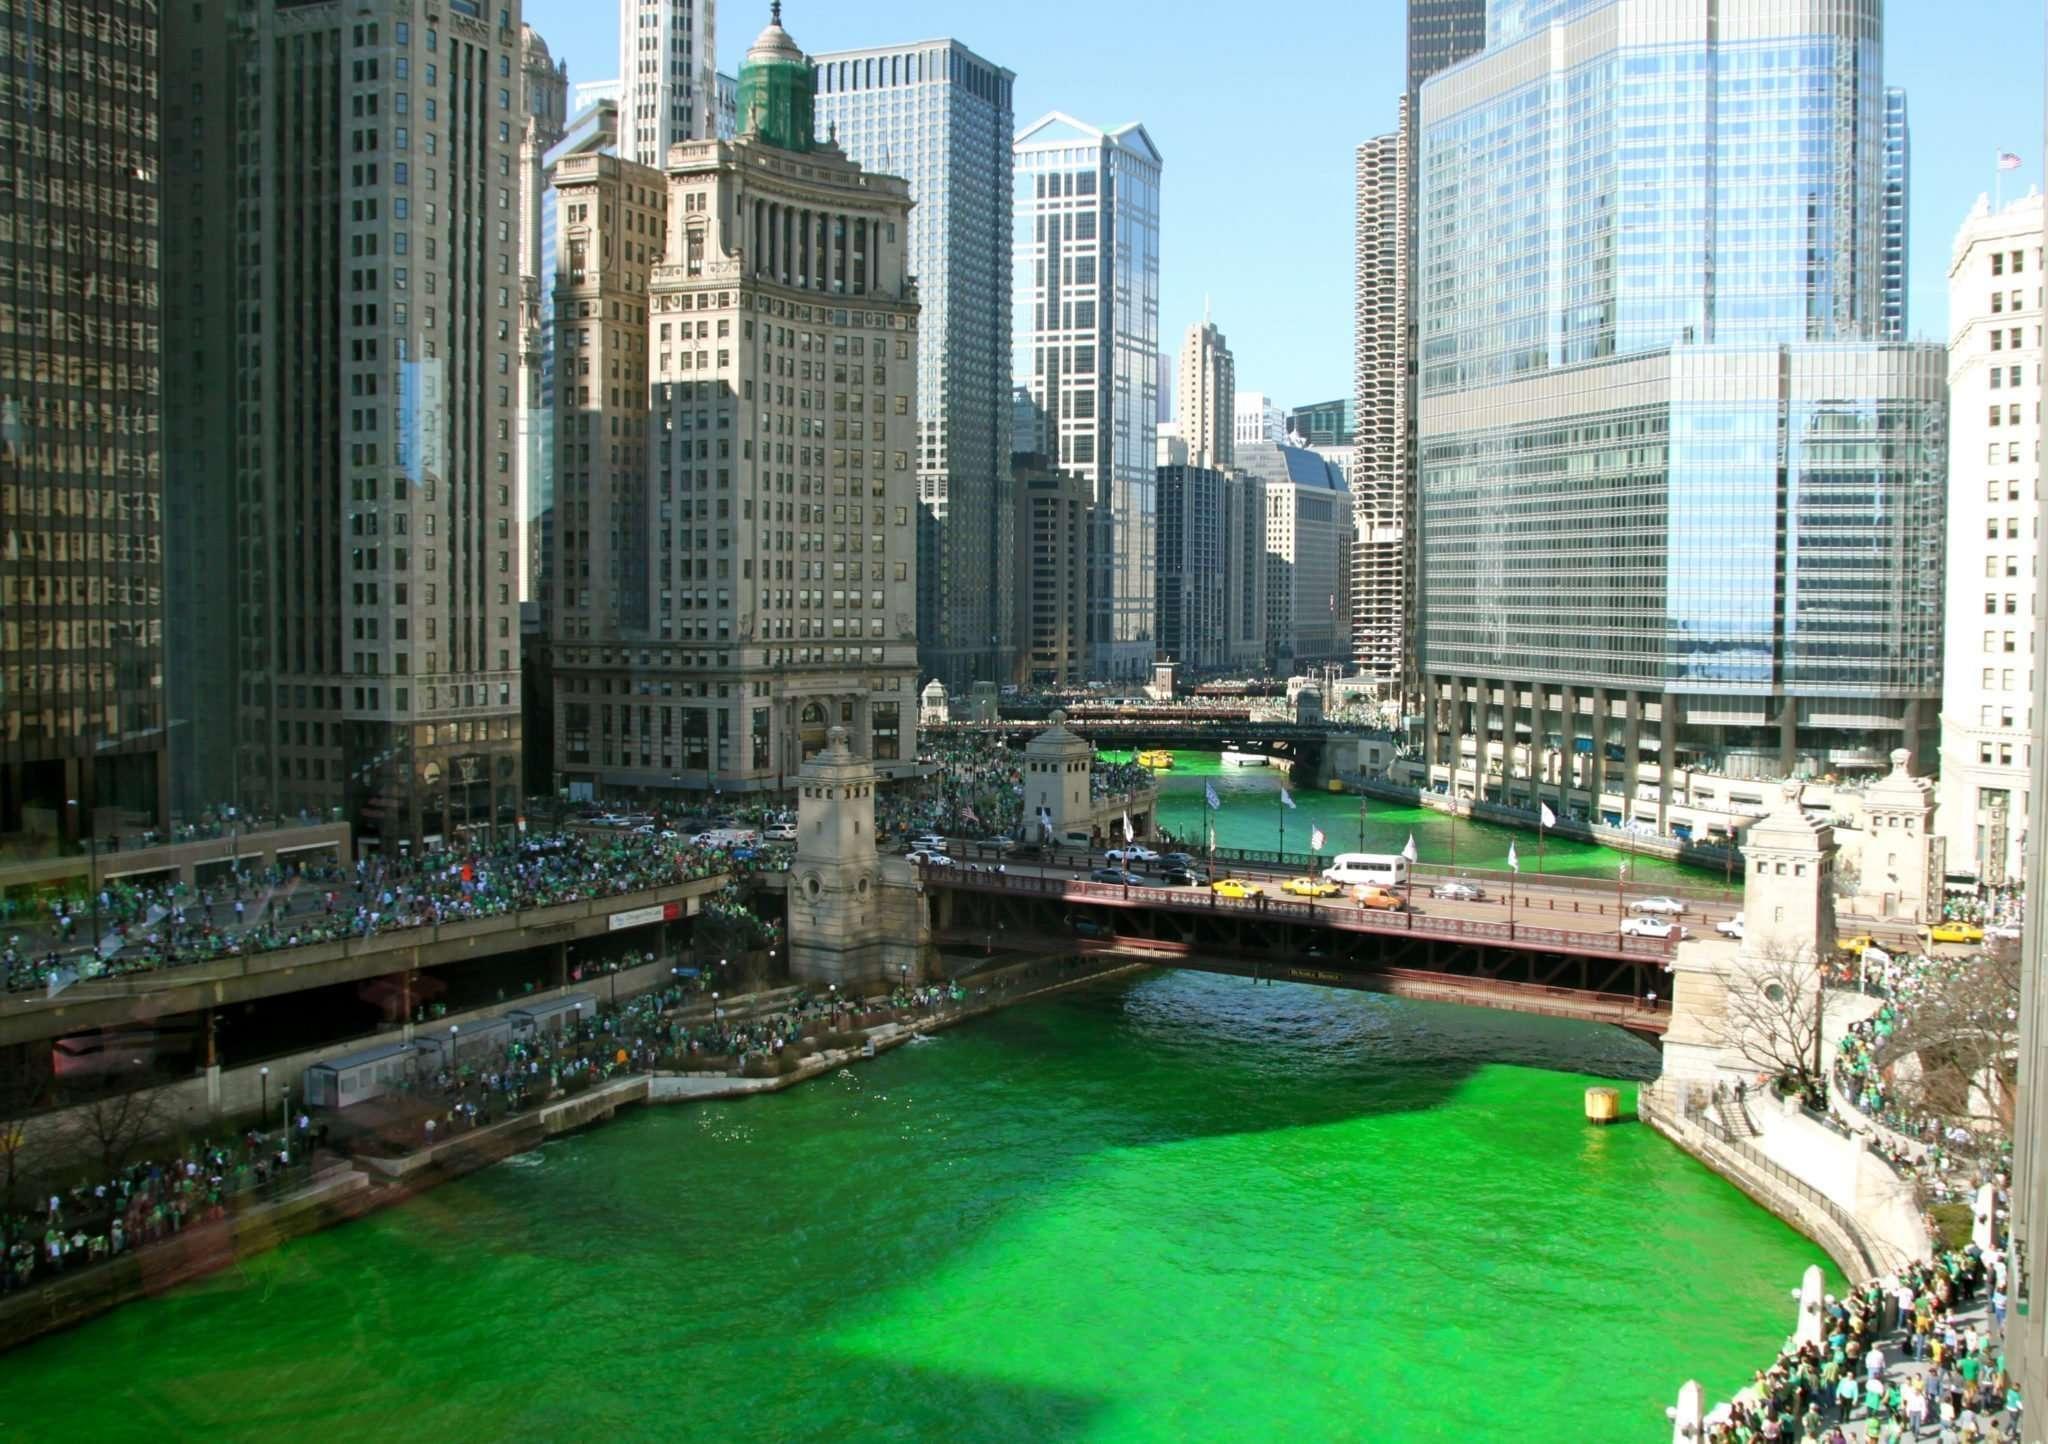 St. Patrick's Day | Festa di San Patrizio In irlanda e nel mondo